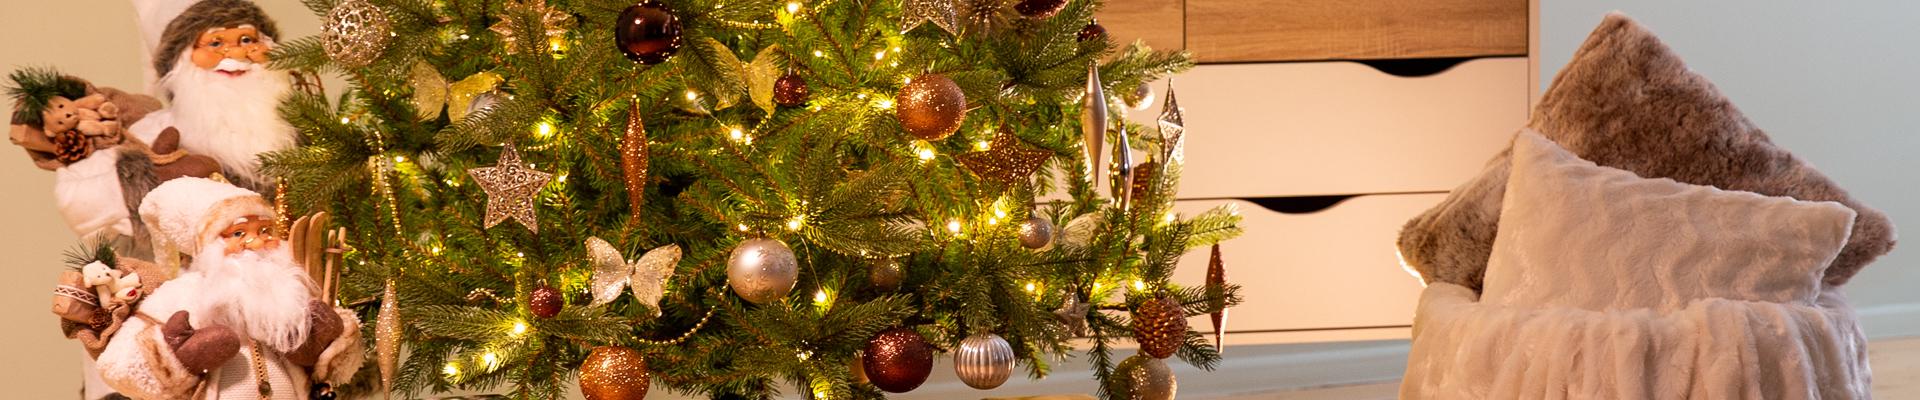 Kalėdinės dekoracijos ir eglutės